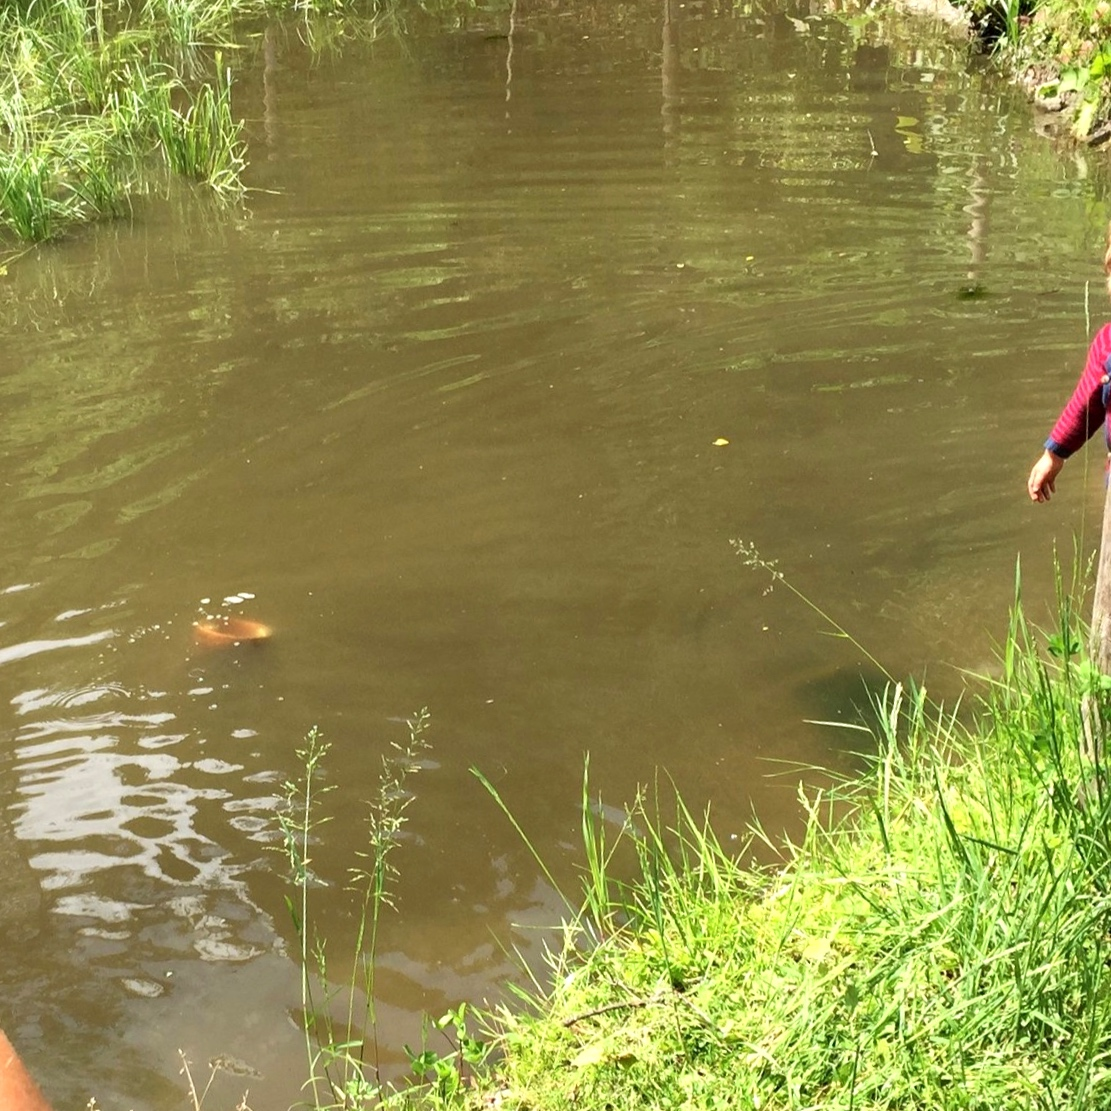 přepouštění vody do nižšího rybníku pomocí trubky